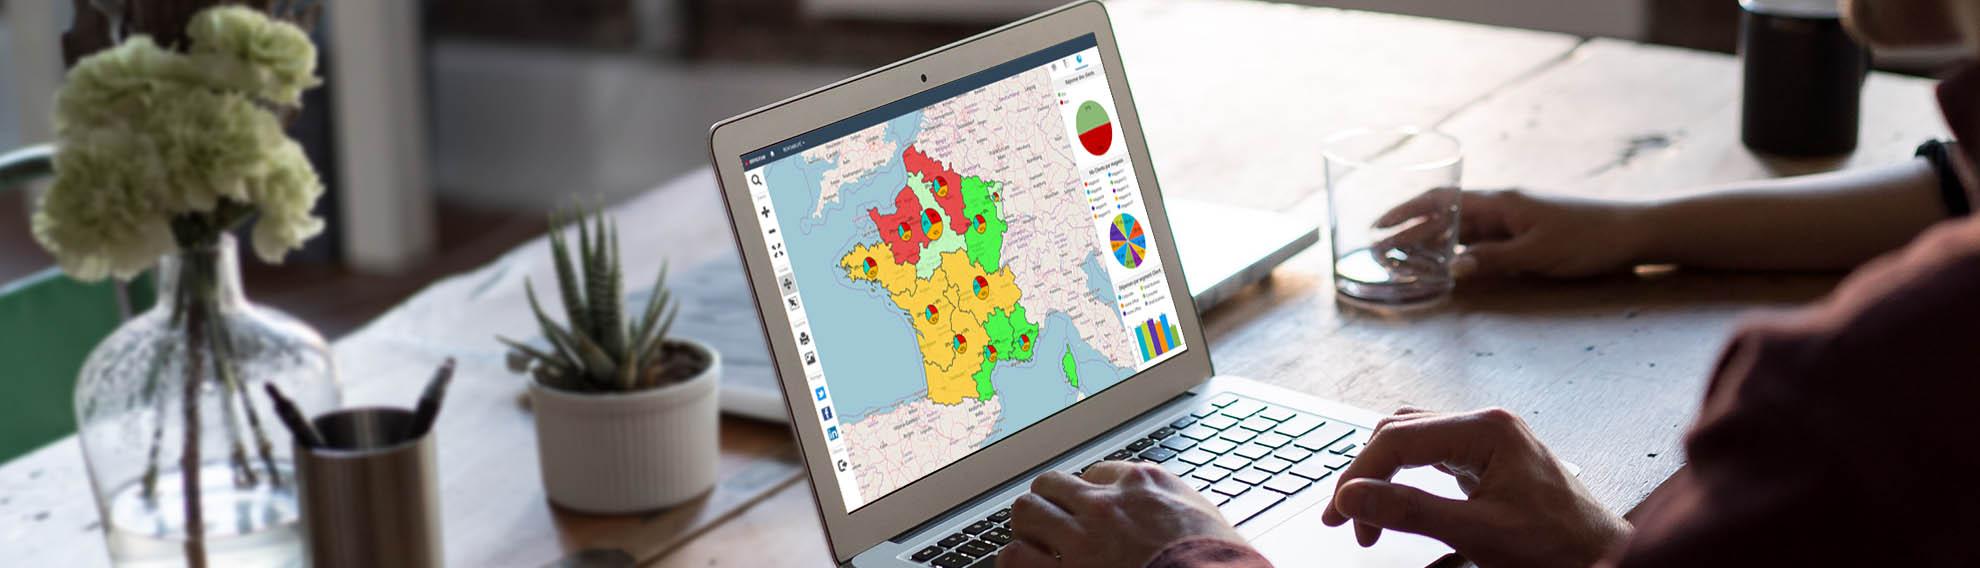 Cartes & Données, le logiciel de cartographie statistique d'Articque